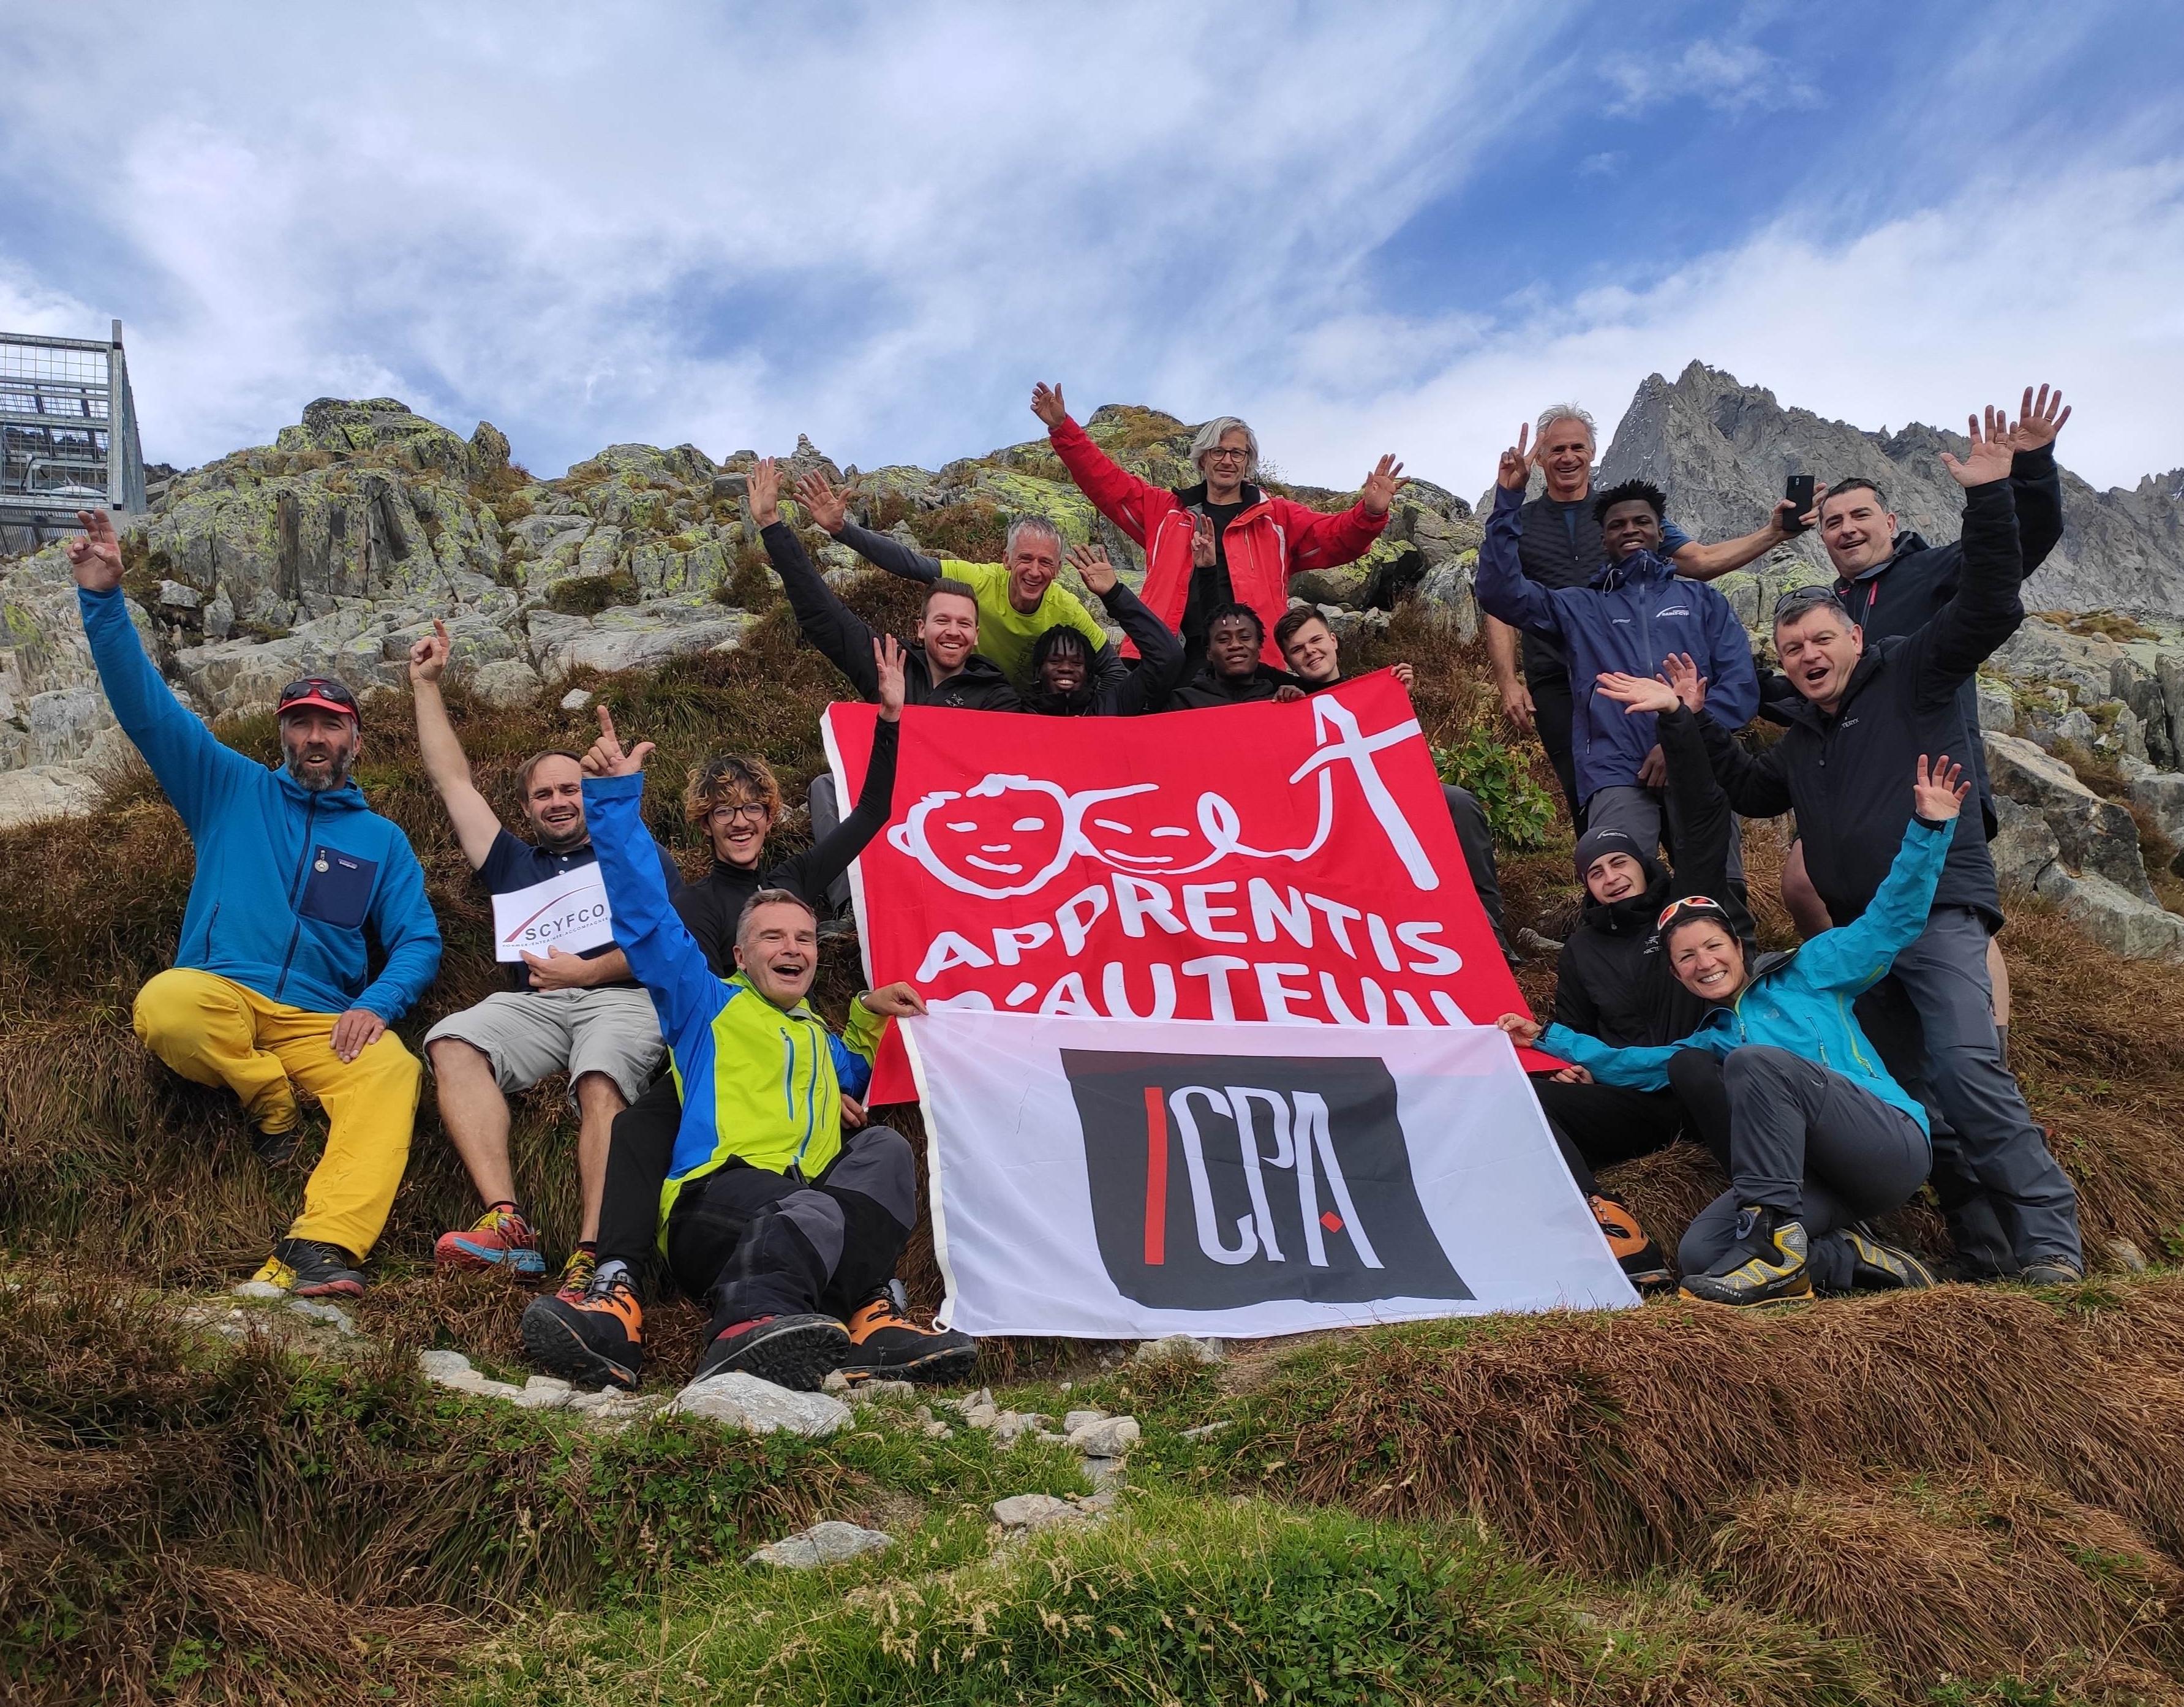 CPA & Apprentis d'Auteuil – Ensemble vers les cimes